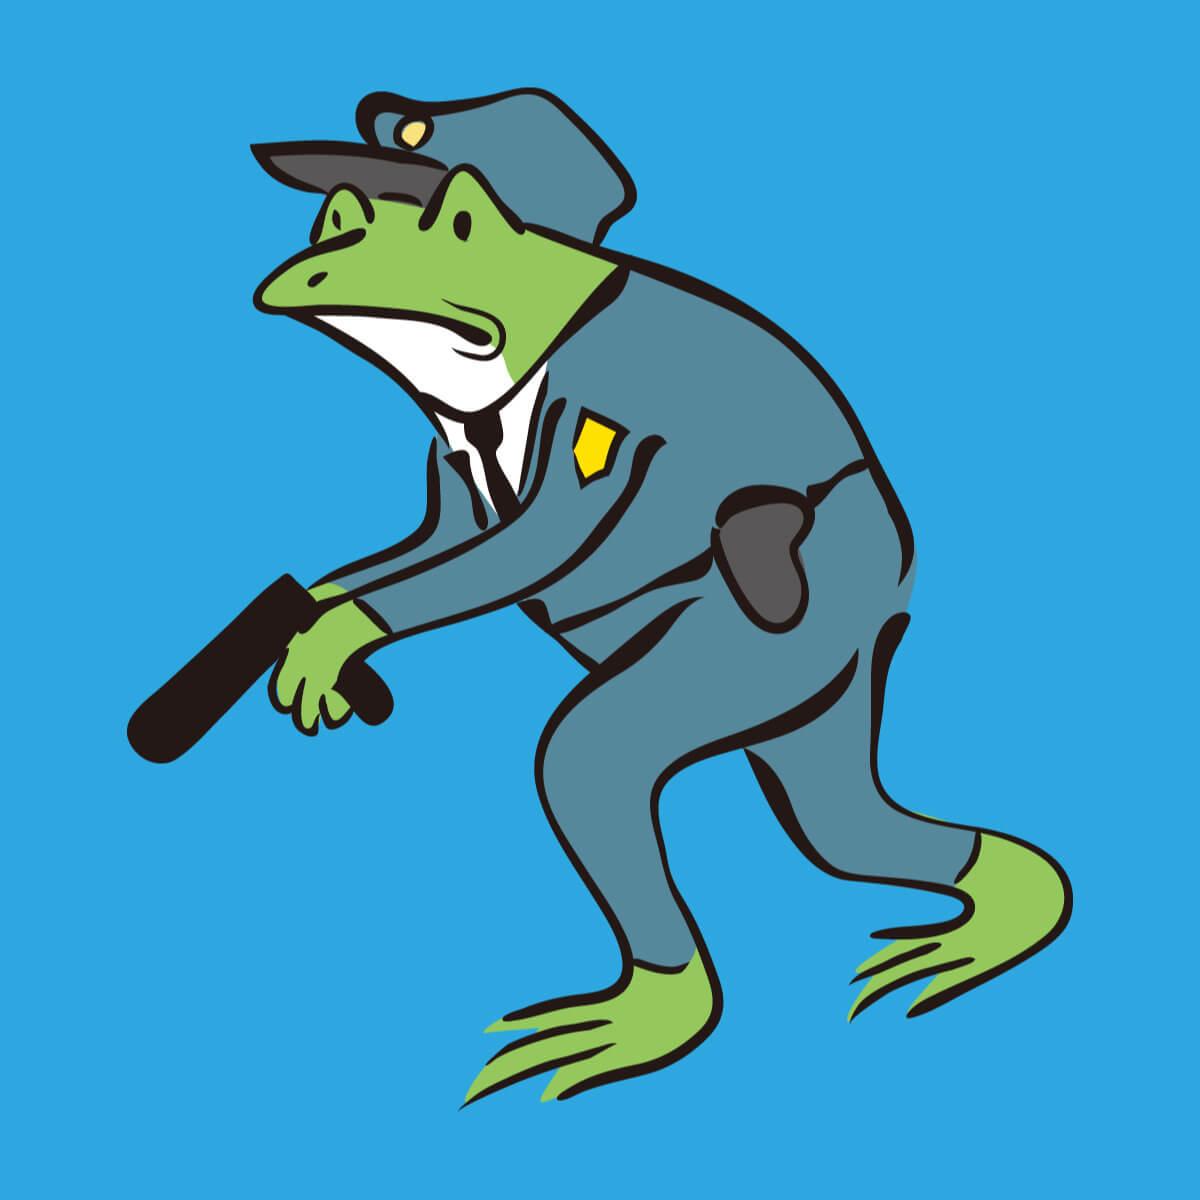 富山市の池多駐在所が襲われ警察官負傷・犯人は誰だ!?動機は??のアイキャッチ